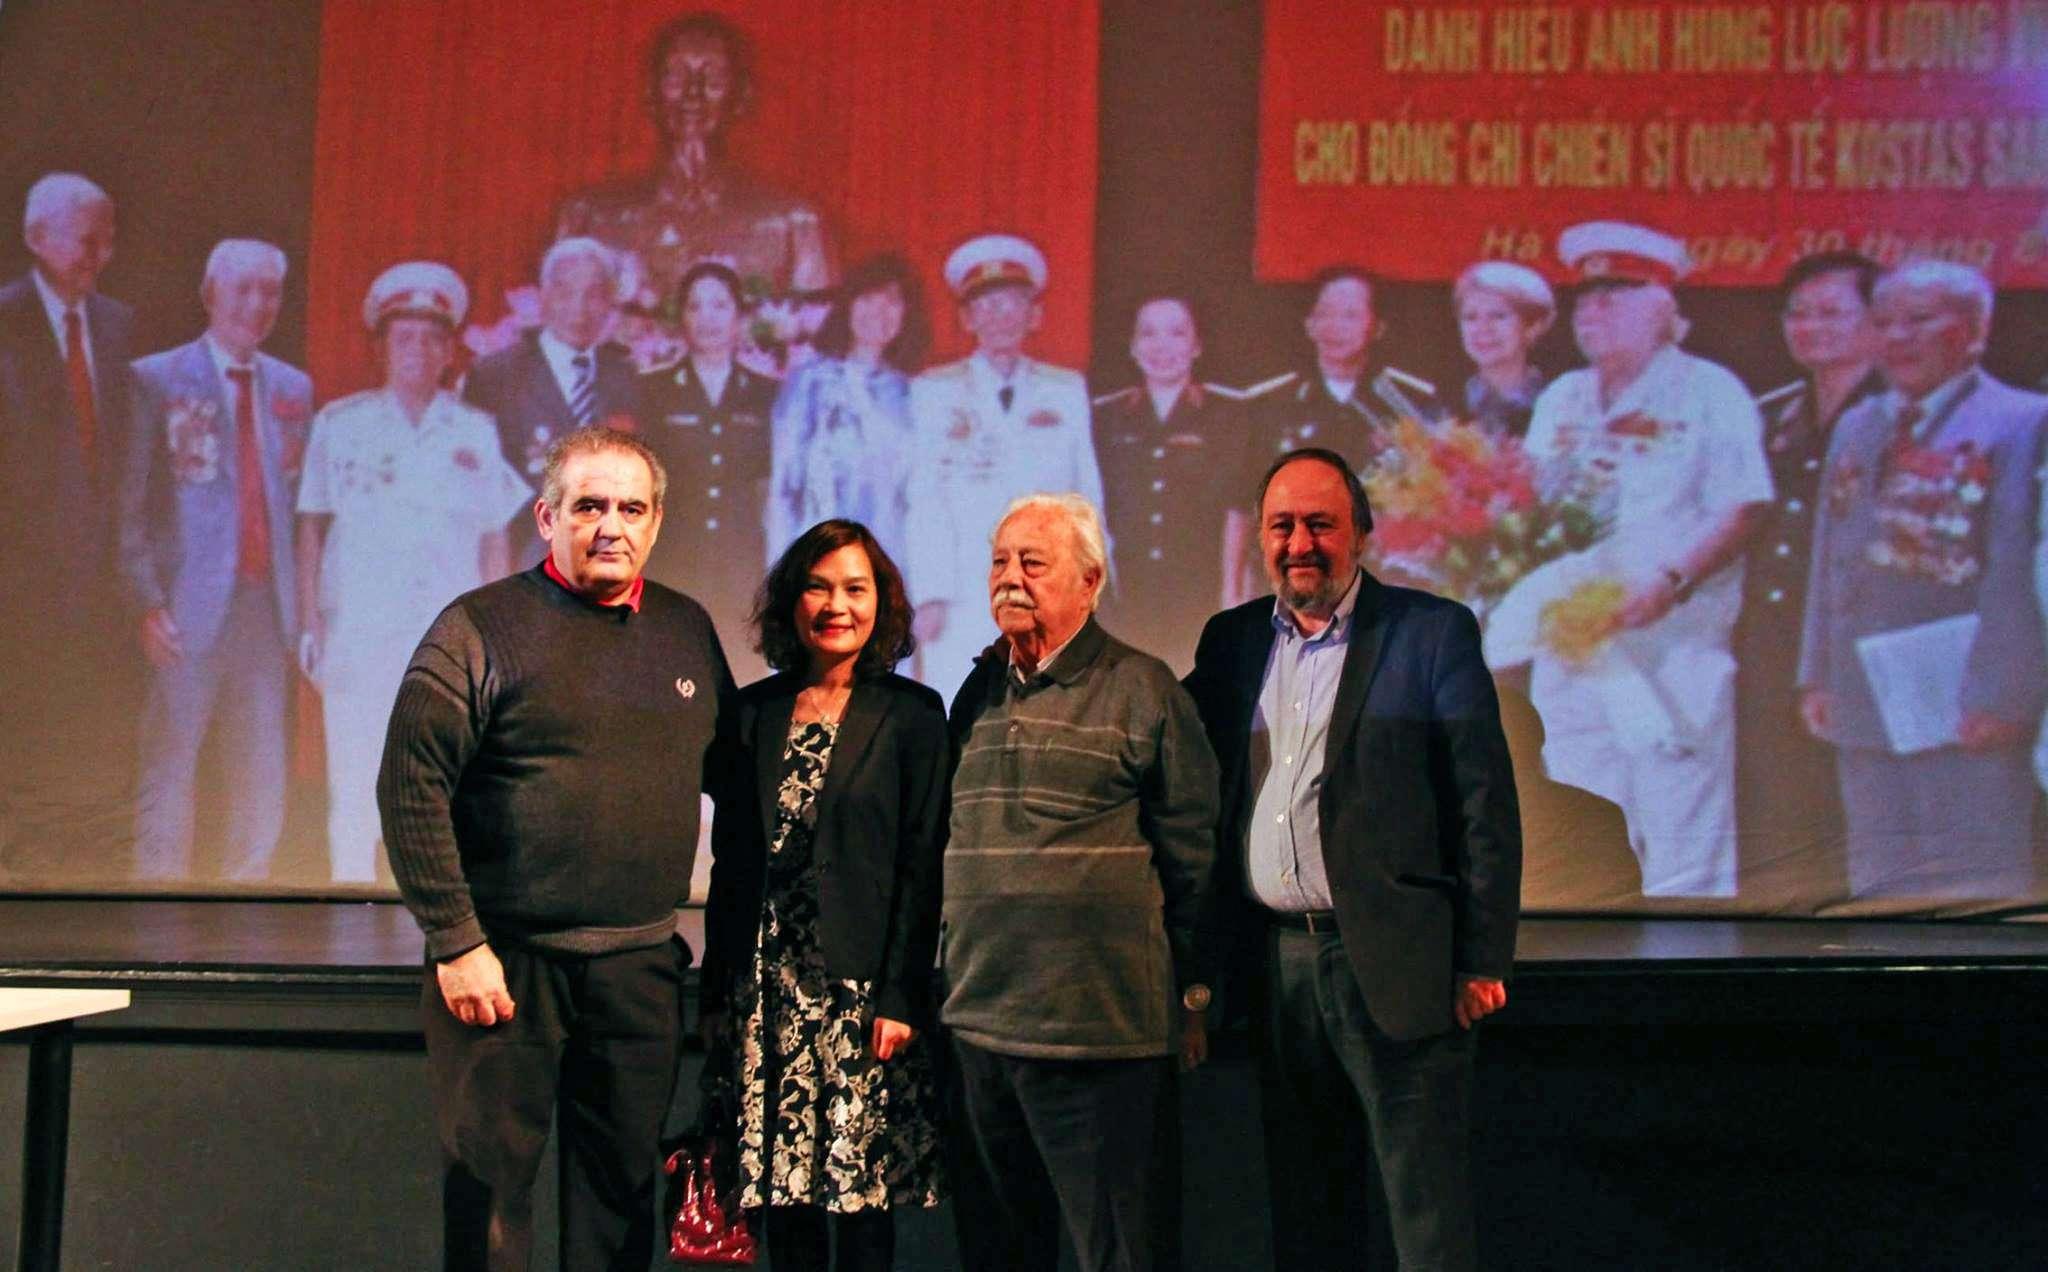 Σαραντίδης Nguyen Van Lap ο έλληνας VIETμίνχ ταινία 2